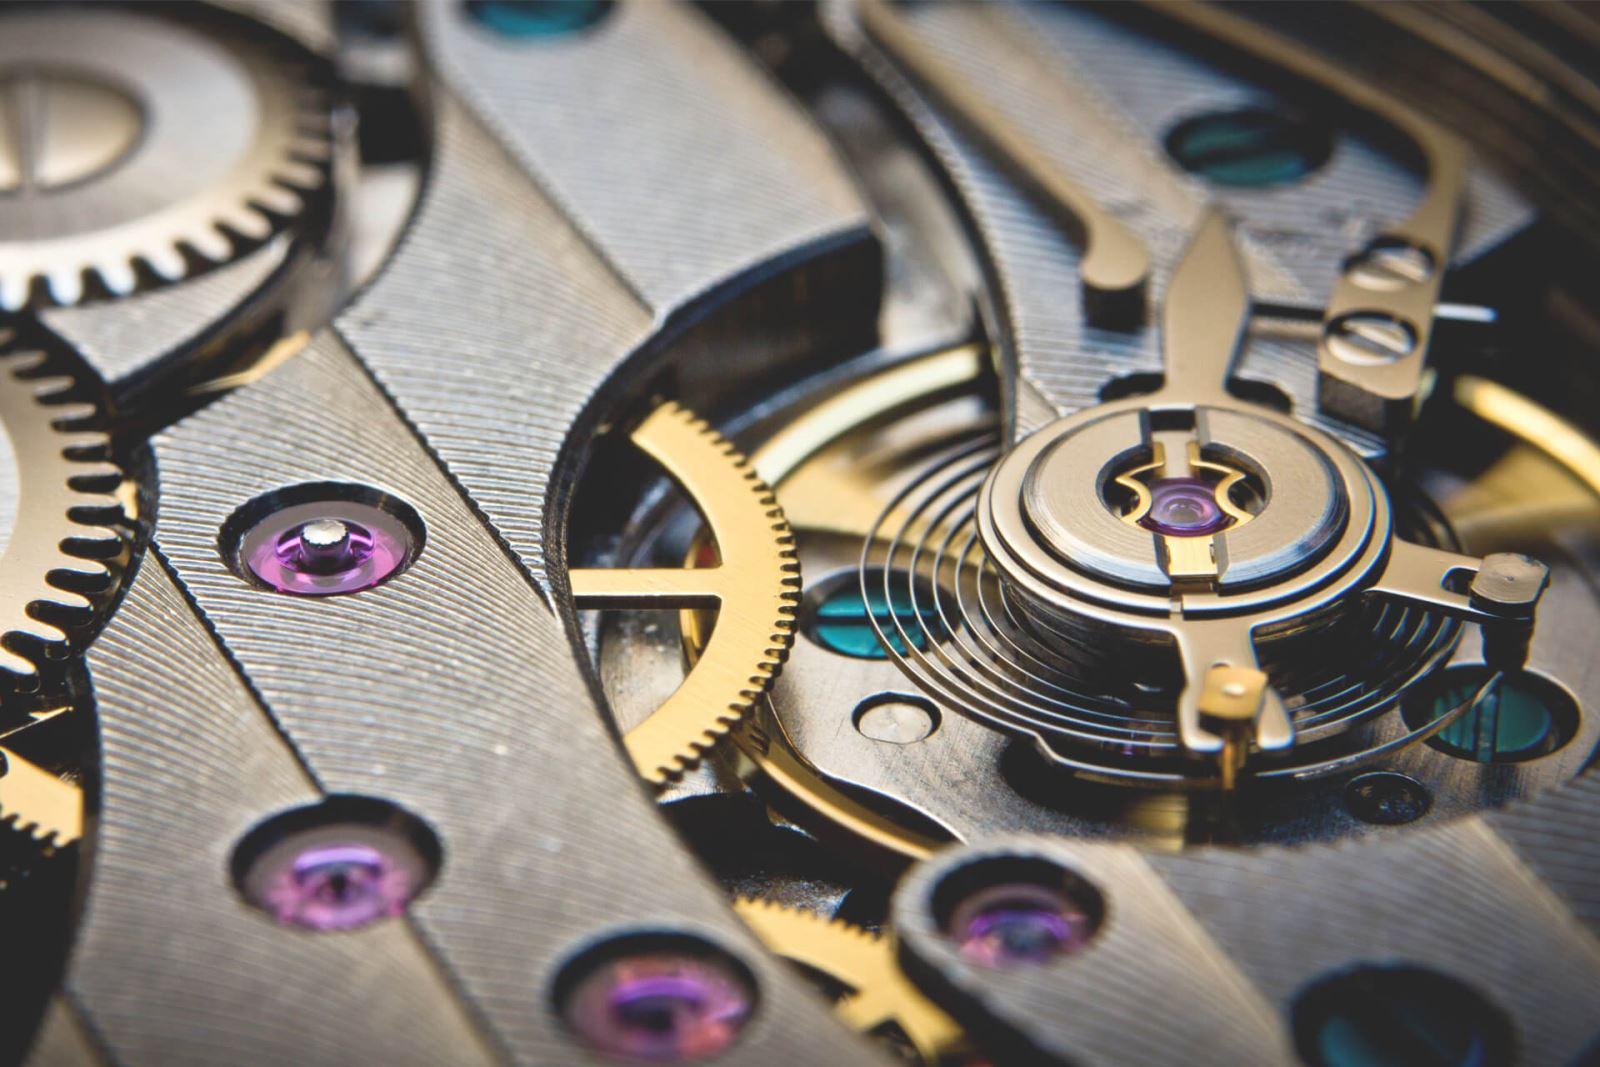 bộ máy chuyển động của đồng hồ cơ